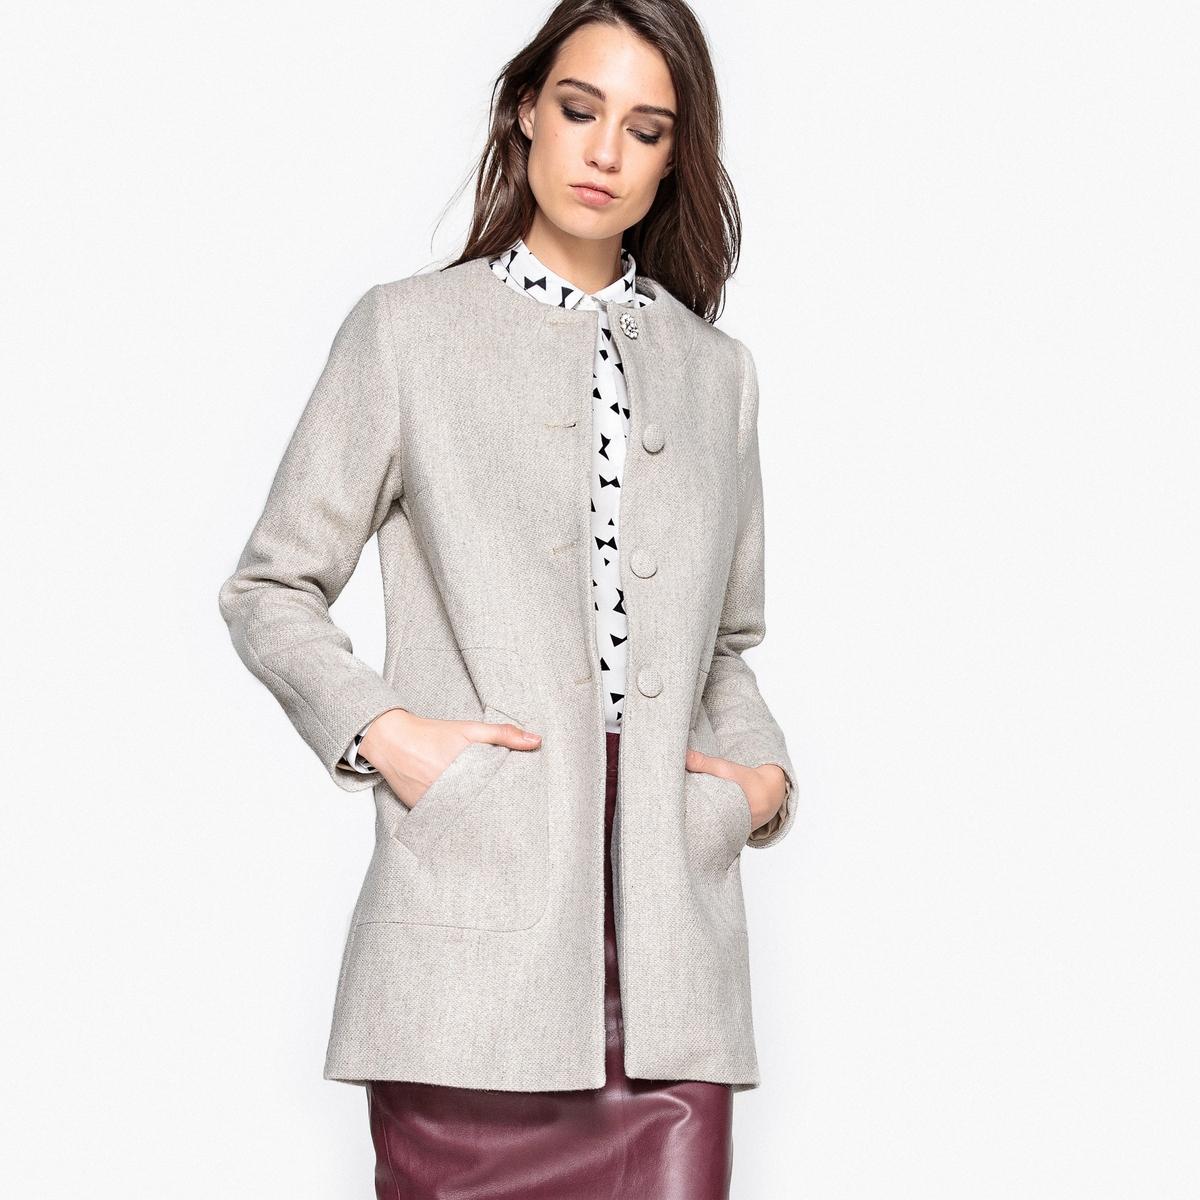 Пальто демисезонное, без воротника, с декоративным украшениемЭлегантное и модное демисезонное пальто без воротника. Очень красивая декоративная пуговица. 2 кармана.Детали •  Длина : средняя •  Круглый вырез • Застежка на пуговицыСостав и уход •  15% шерсти, 25% хлопка, 35% полиамида, 25% полиэстера • Не стирать  •  Любые растворители / не отбеливать   •  Не использовать барабанную сушку •  Не гладить •  Длина : 86 см<br><br>Цвет: светло-серый<br>Размер: 36 (FR) - 42 (RUS).40 (FR) - 46 (RUS)